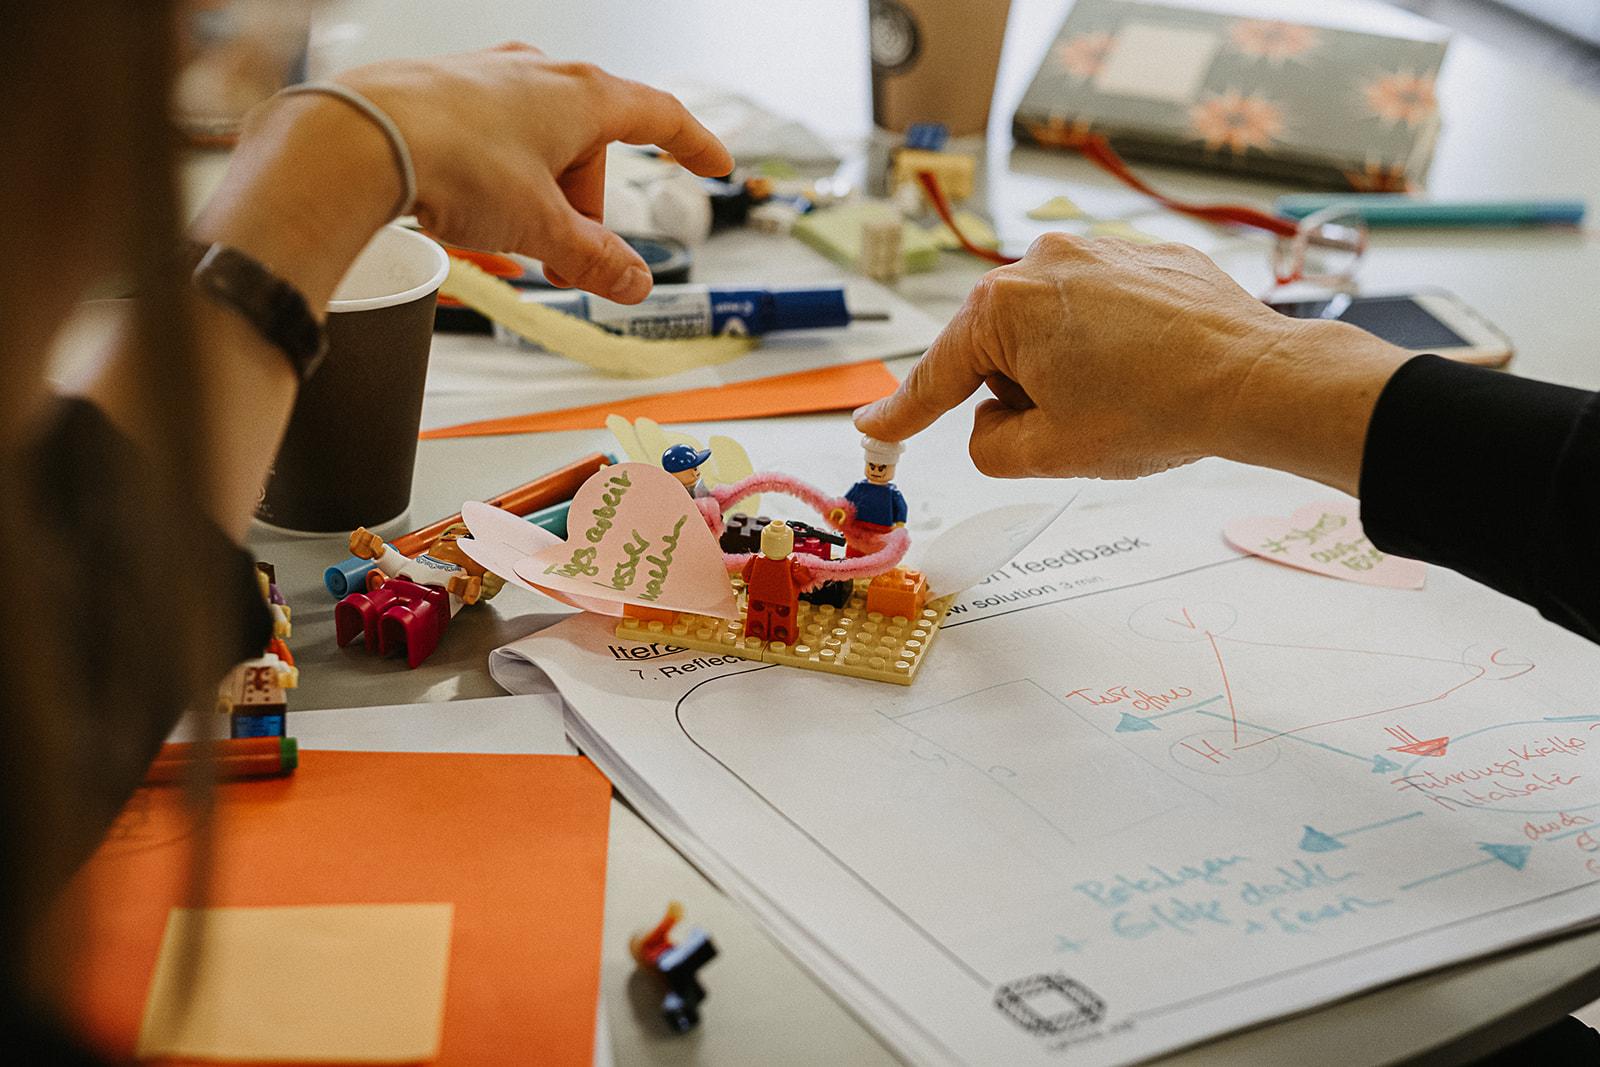 Auf einem Tisch liegen verstreut Papiere. In der Mitte ist ein Lego-Bausatz, auf den ein Zeigfinger einer Hand zeigt.